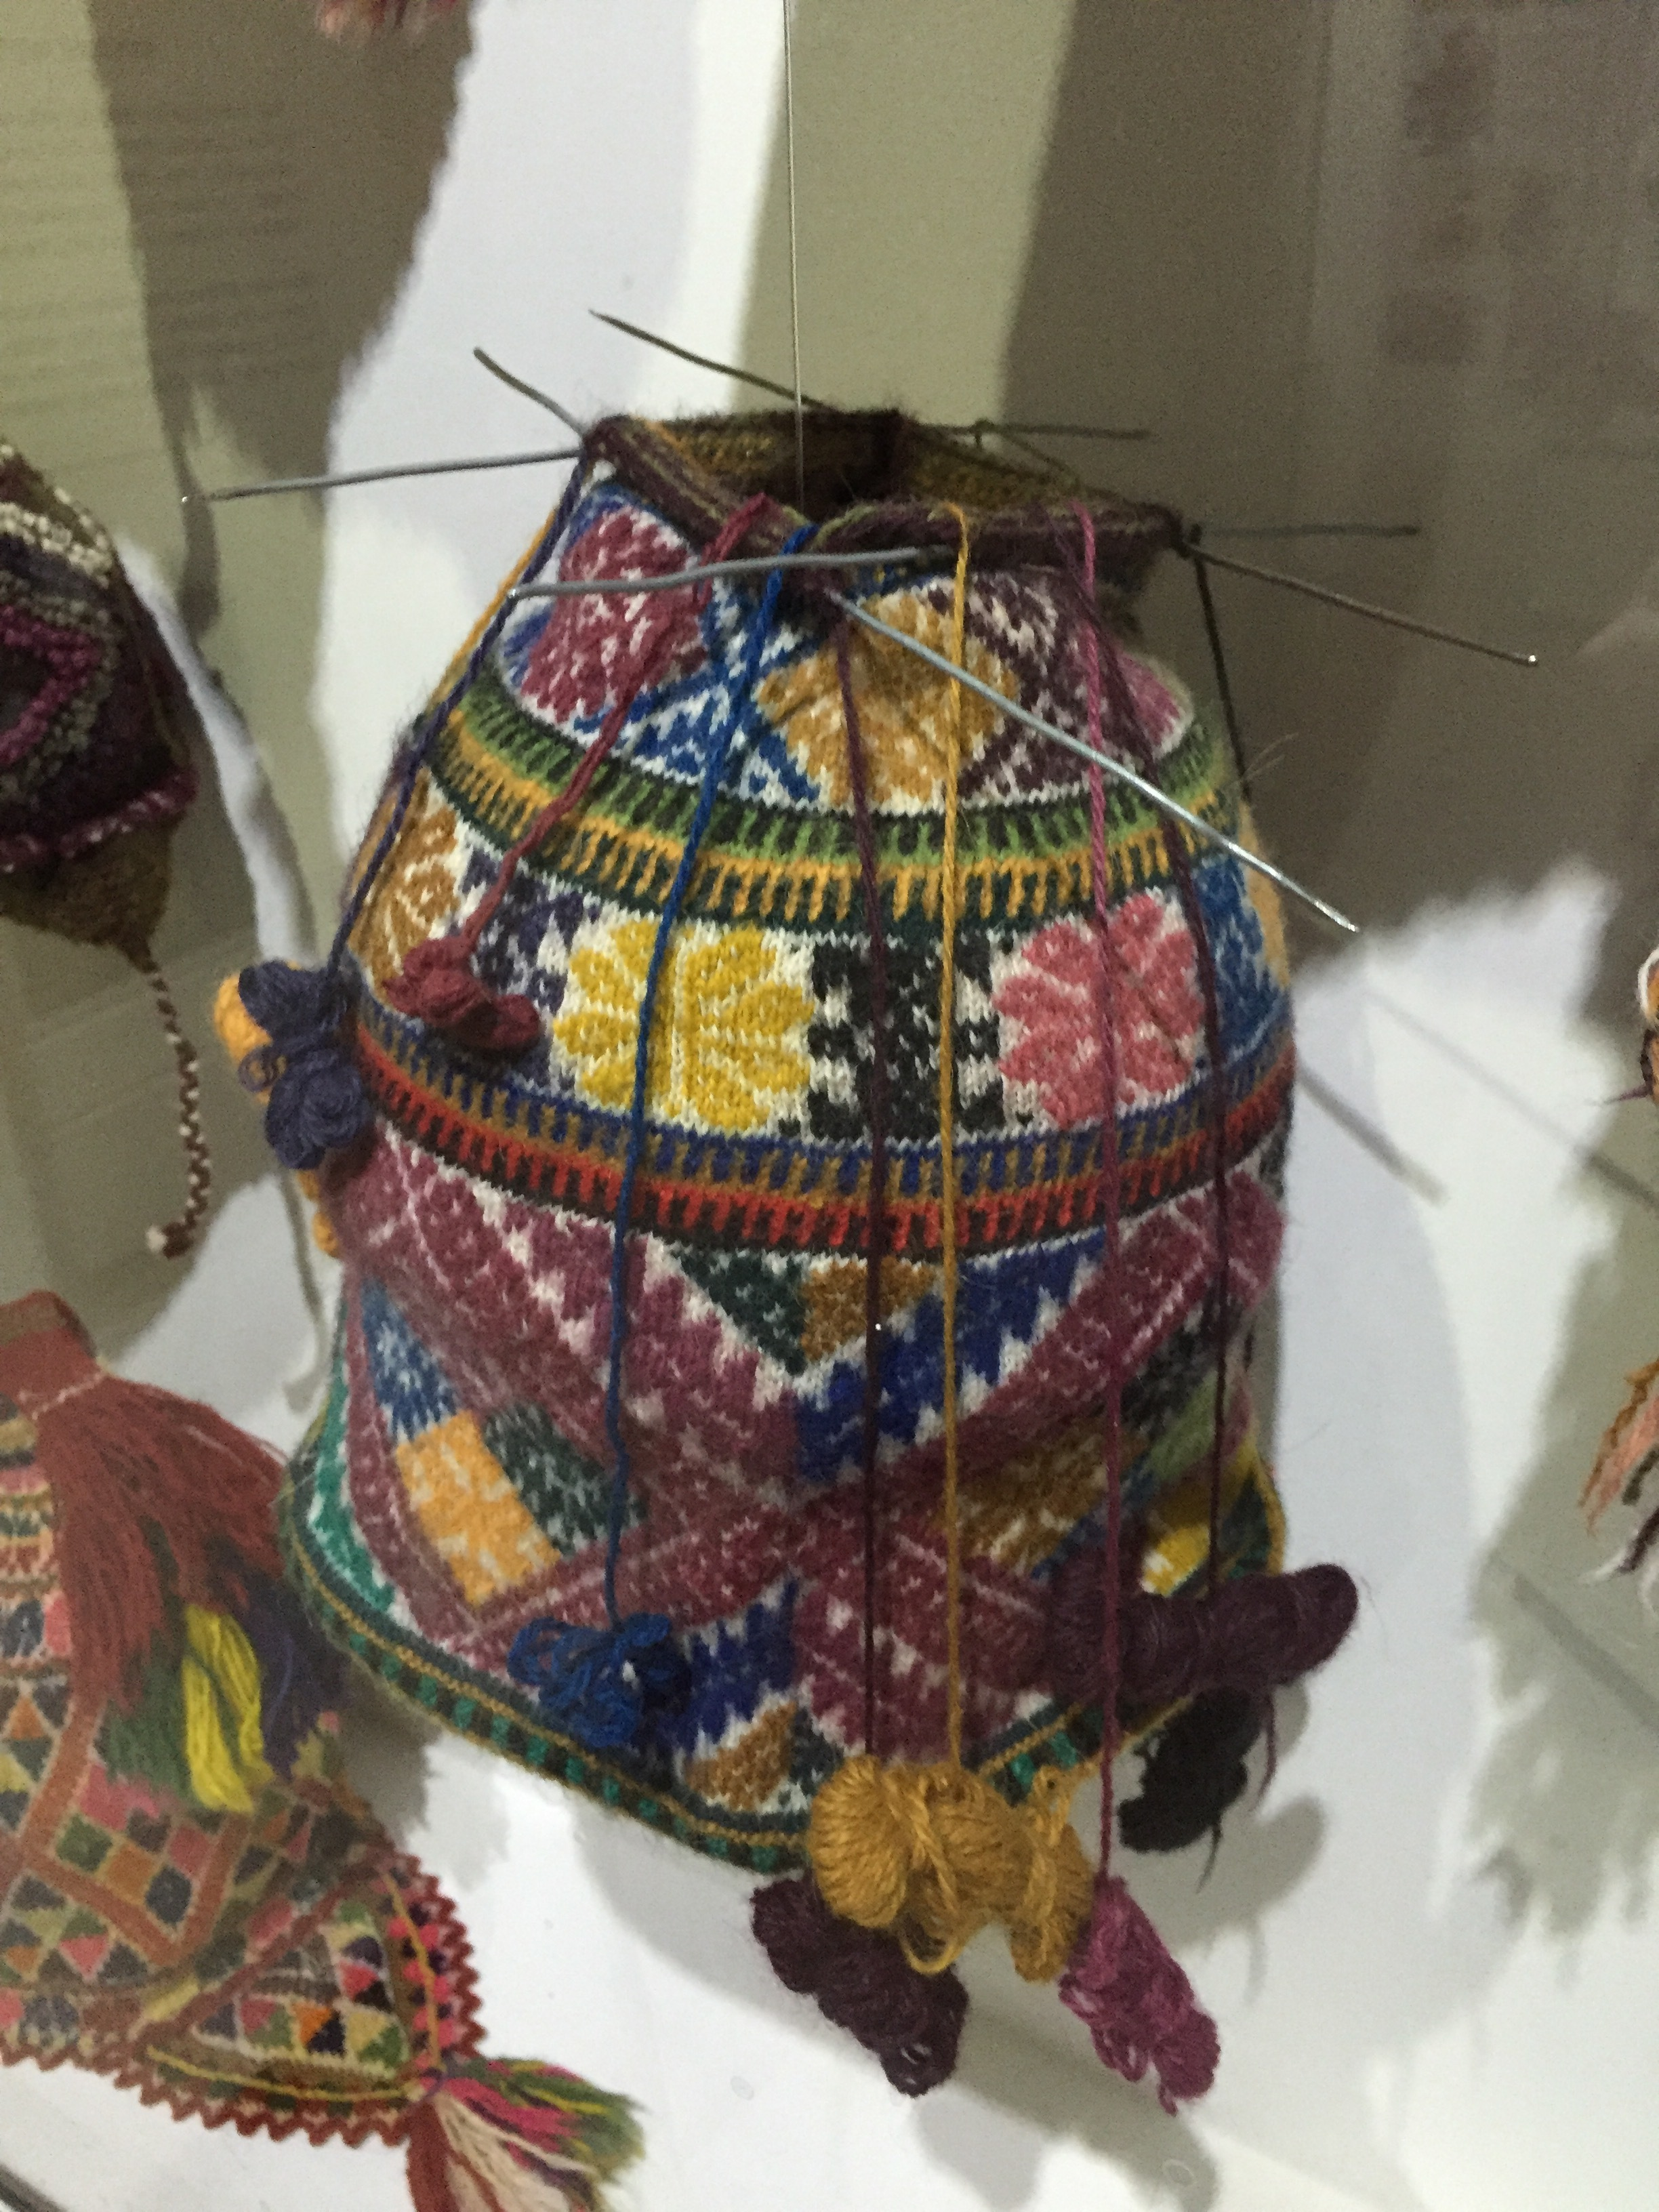 Også på museet finnes en lue som ennå ikke er helt ferdig, og hvor strikkepinnene sitter i. De er relativt bulkete. Her kan man se hvordan det strikkes med mange små garnnøster i ulike farger.